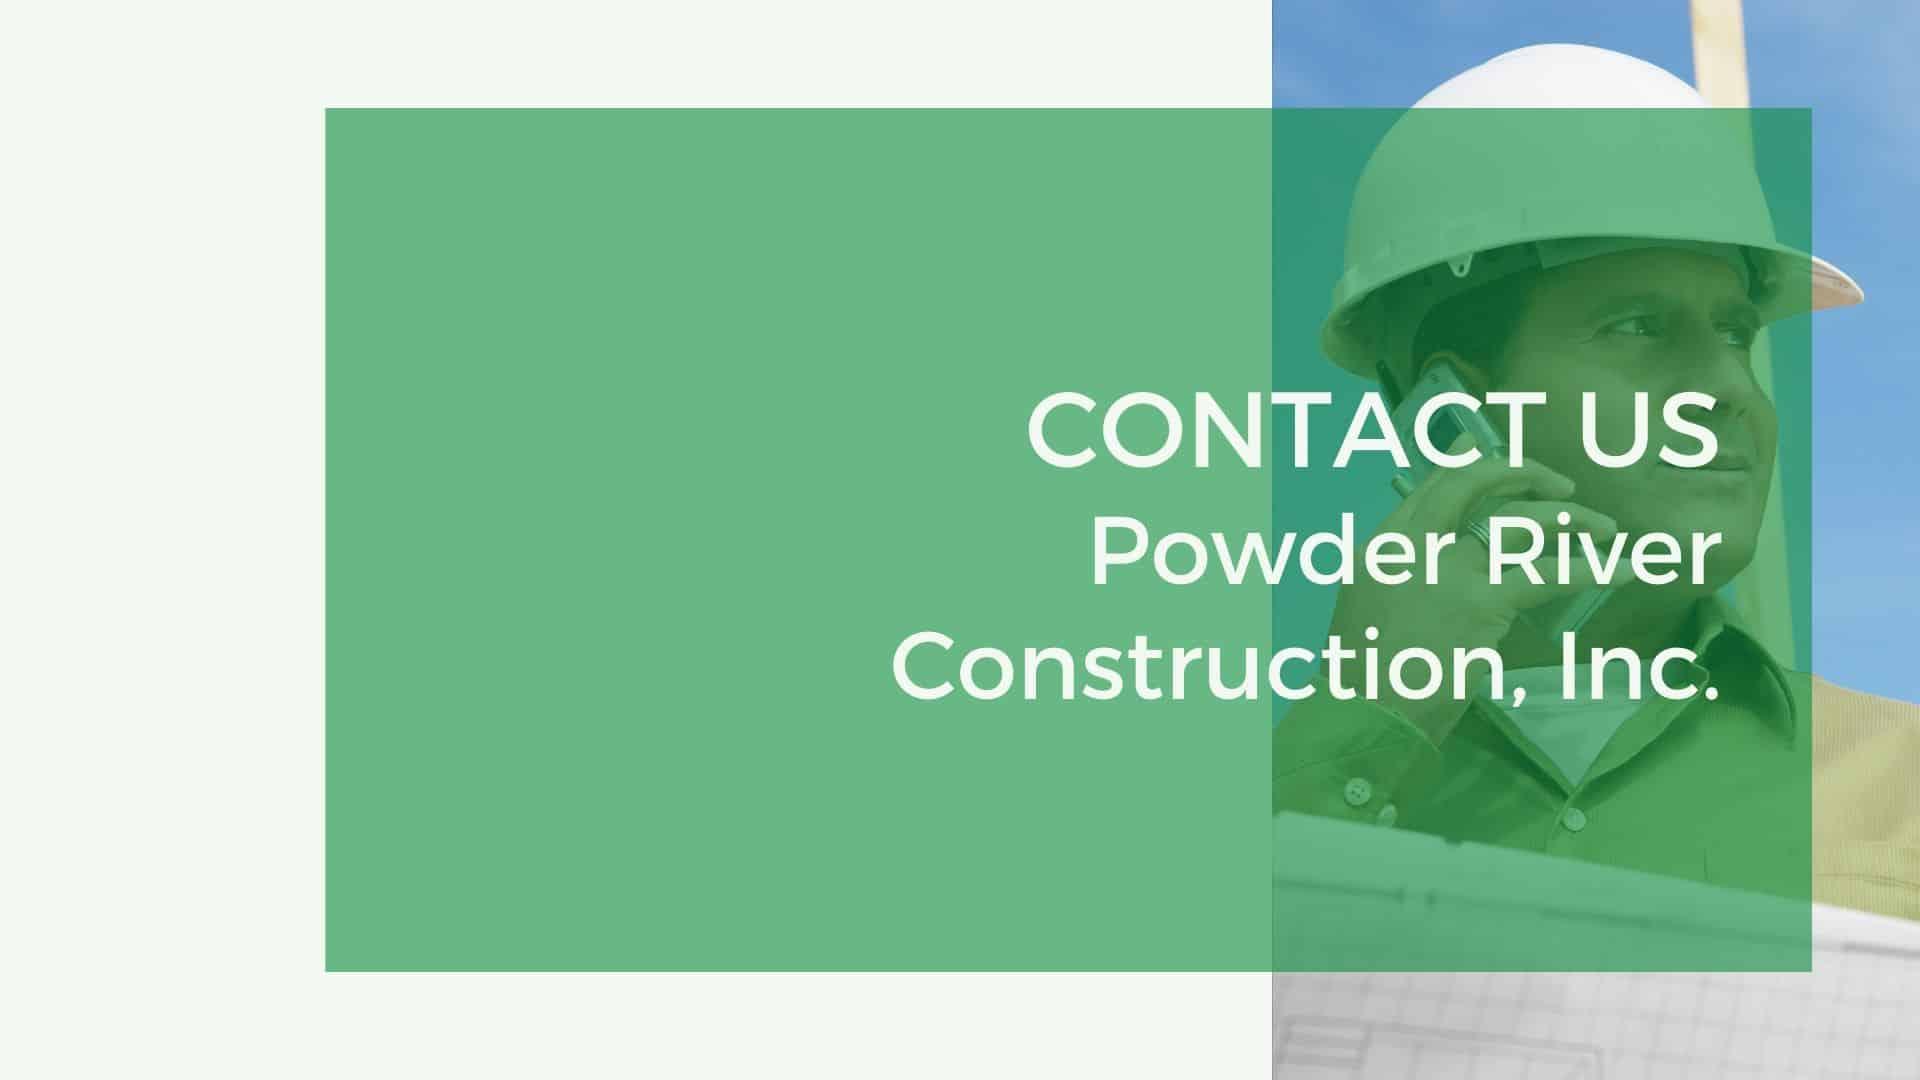 contact us at prc